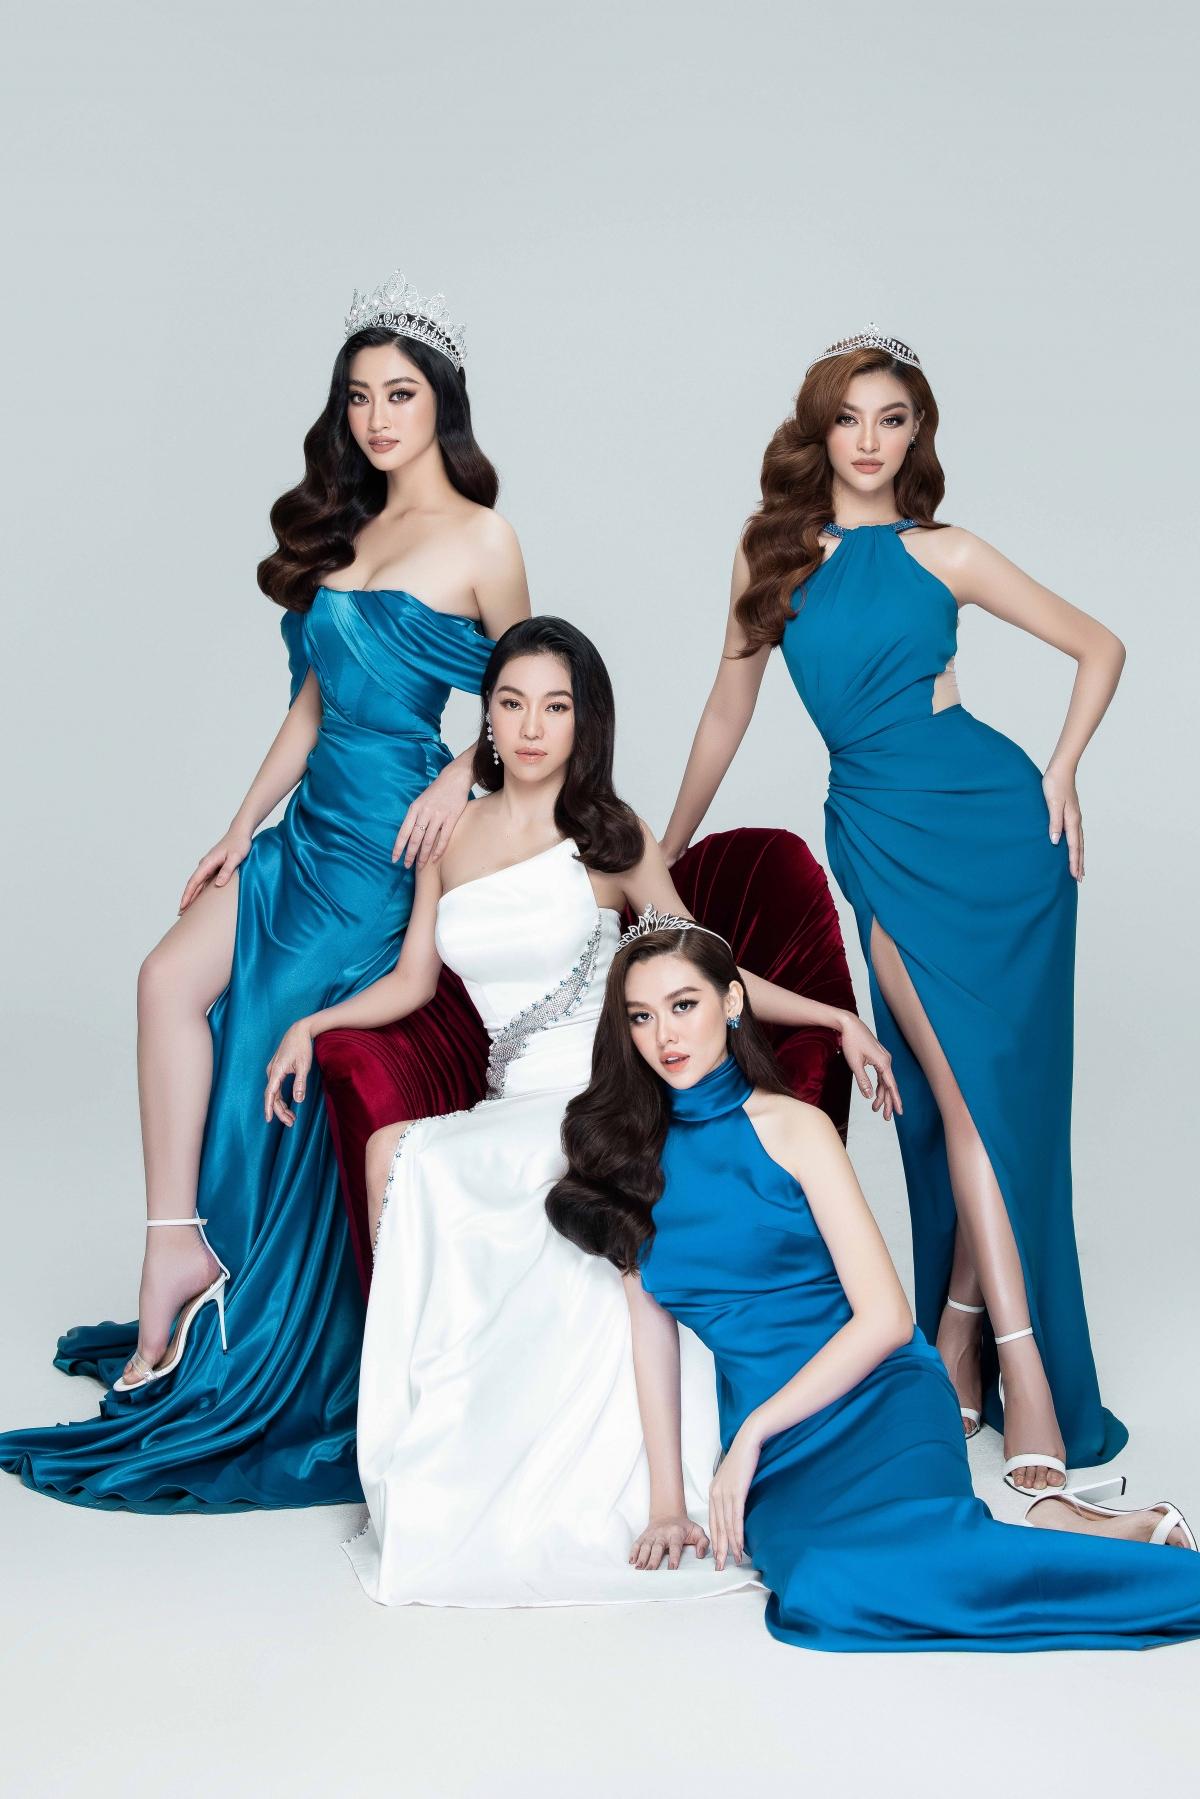 Theo như thông tin đã được công bố, Miss World Vietnam 2021 sẽ diễn ra từ tháng 10 đến tháng 11. Cuộc thi bao gồm các vòng Sơ khảo, Bán kết, Chung kết cùng nhiều phần thi phụ hấp dẫn như Người đẹp Nhân ái, Người đẹp Biển, Người đẹp Thời trang, Người đẹp Tài năng, Người đẹp Truyền thông, Người đẹp Thể thao./.